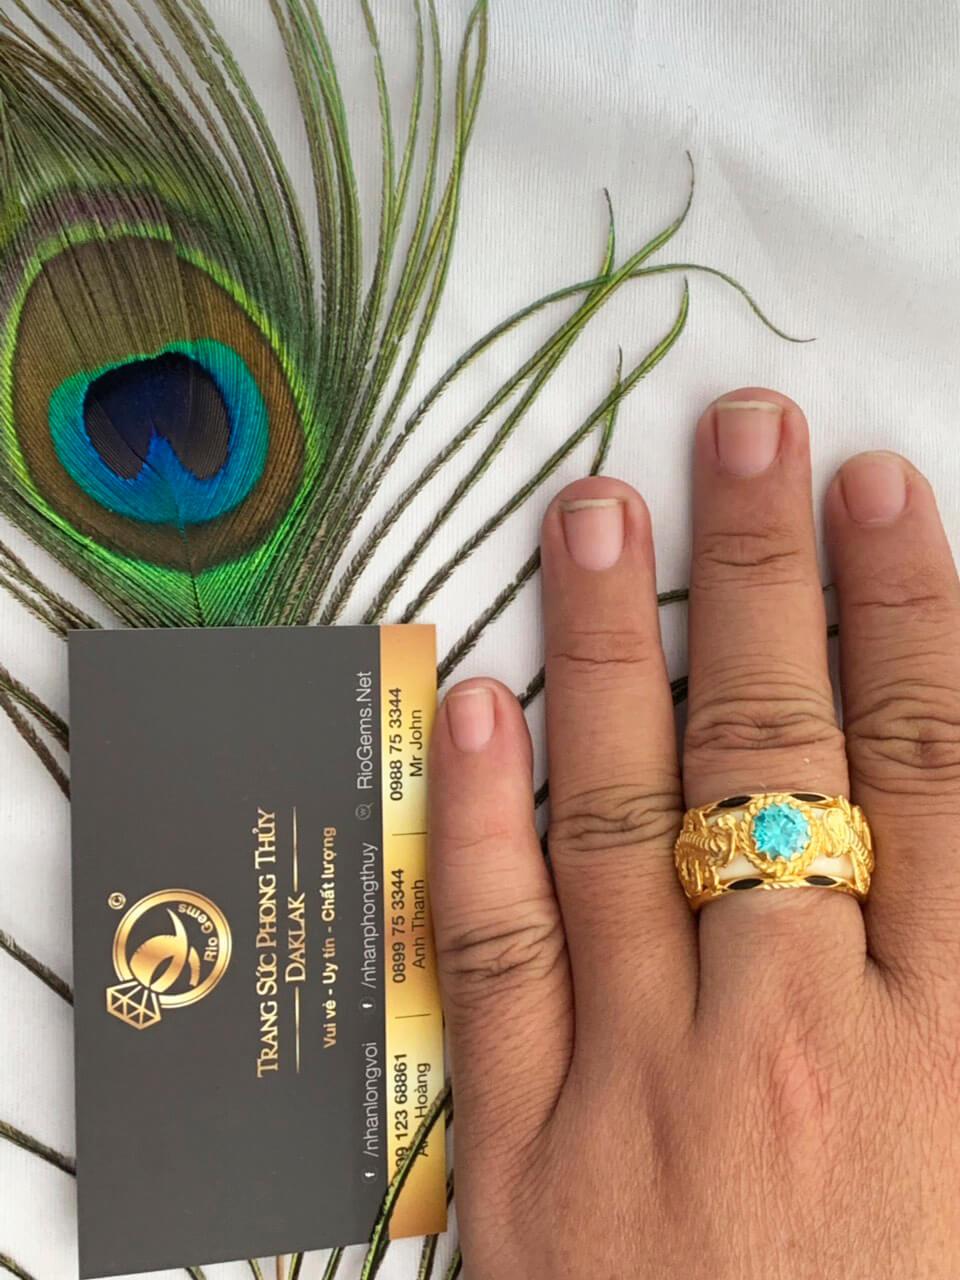 Nhẫn lông voi đẹp 2 Rắn hạt xanh lục chầu ngoc Cz Riogems